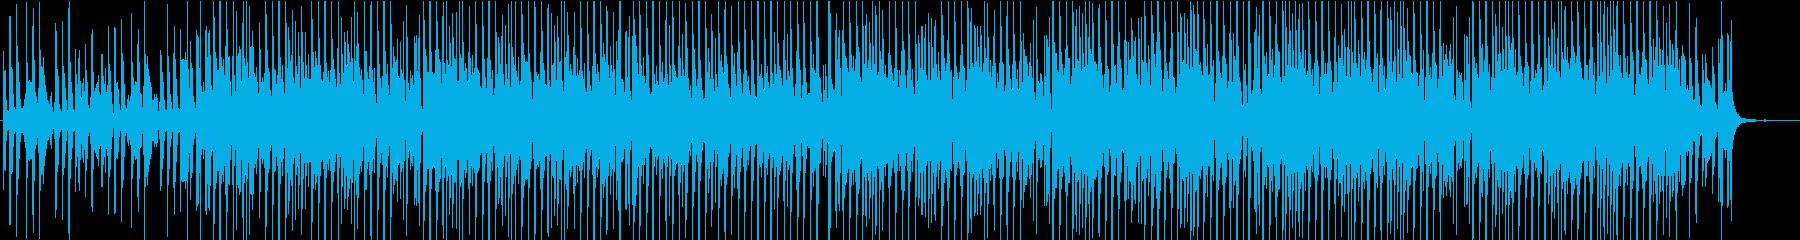 オシャレで明るく楽しいハウス系BGMの再生済みの波形